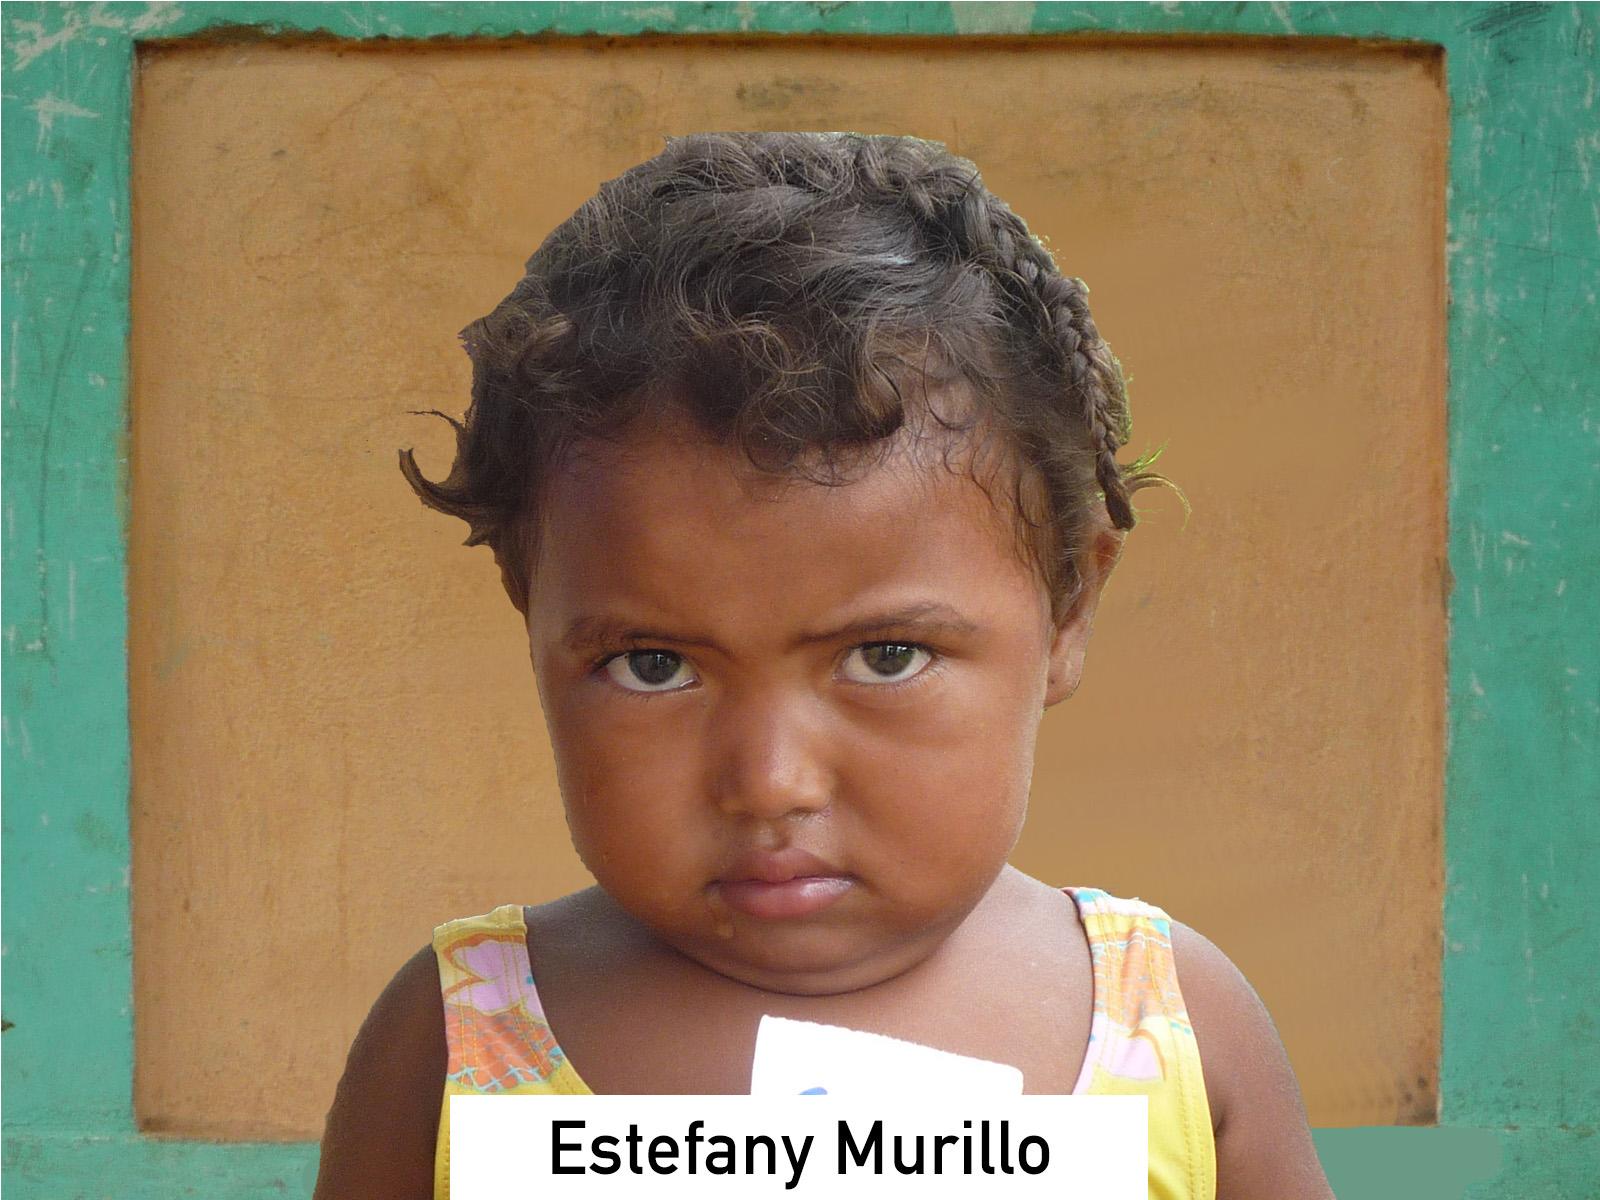 064 - Estefany Murillo.jpg